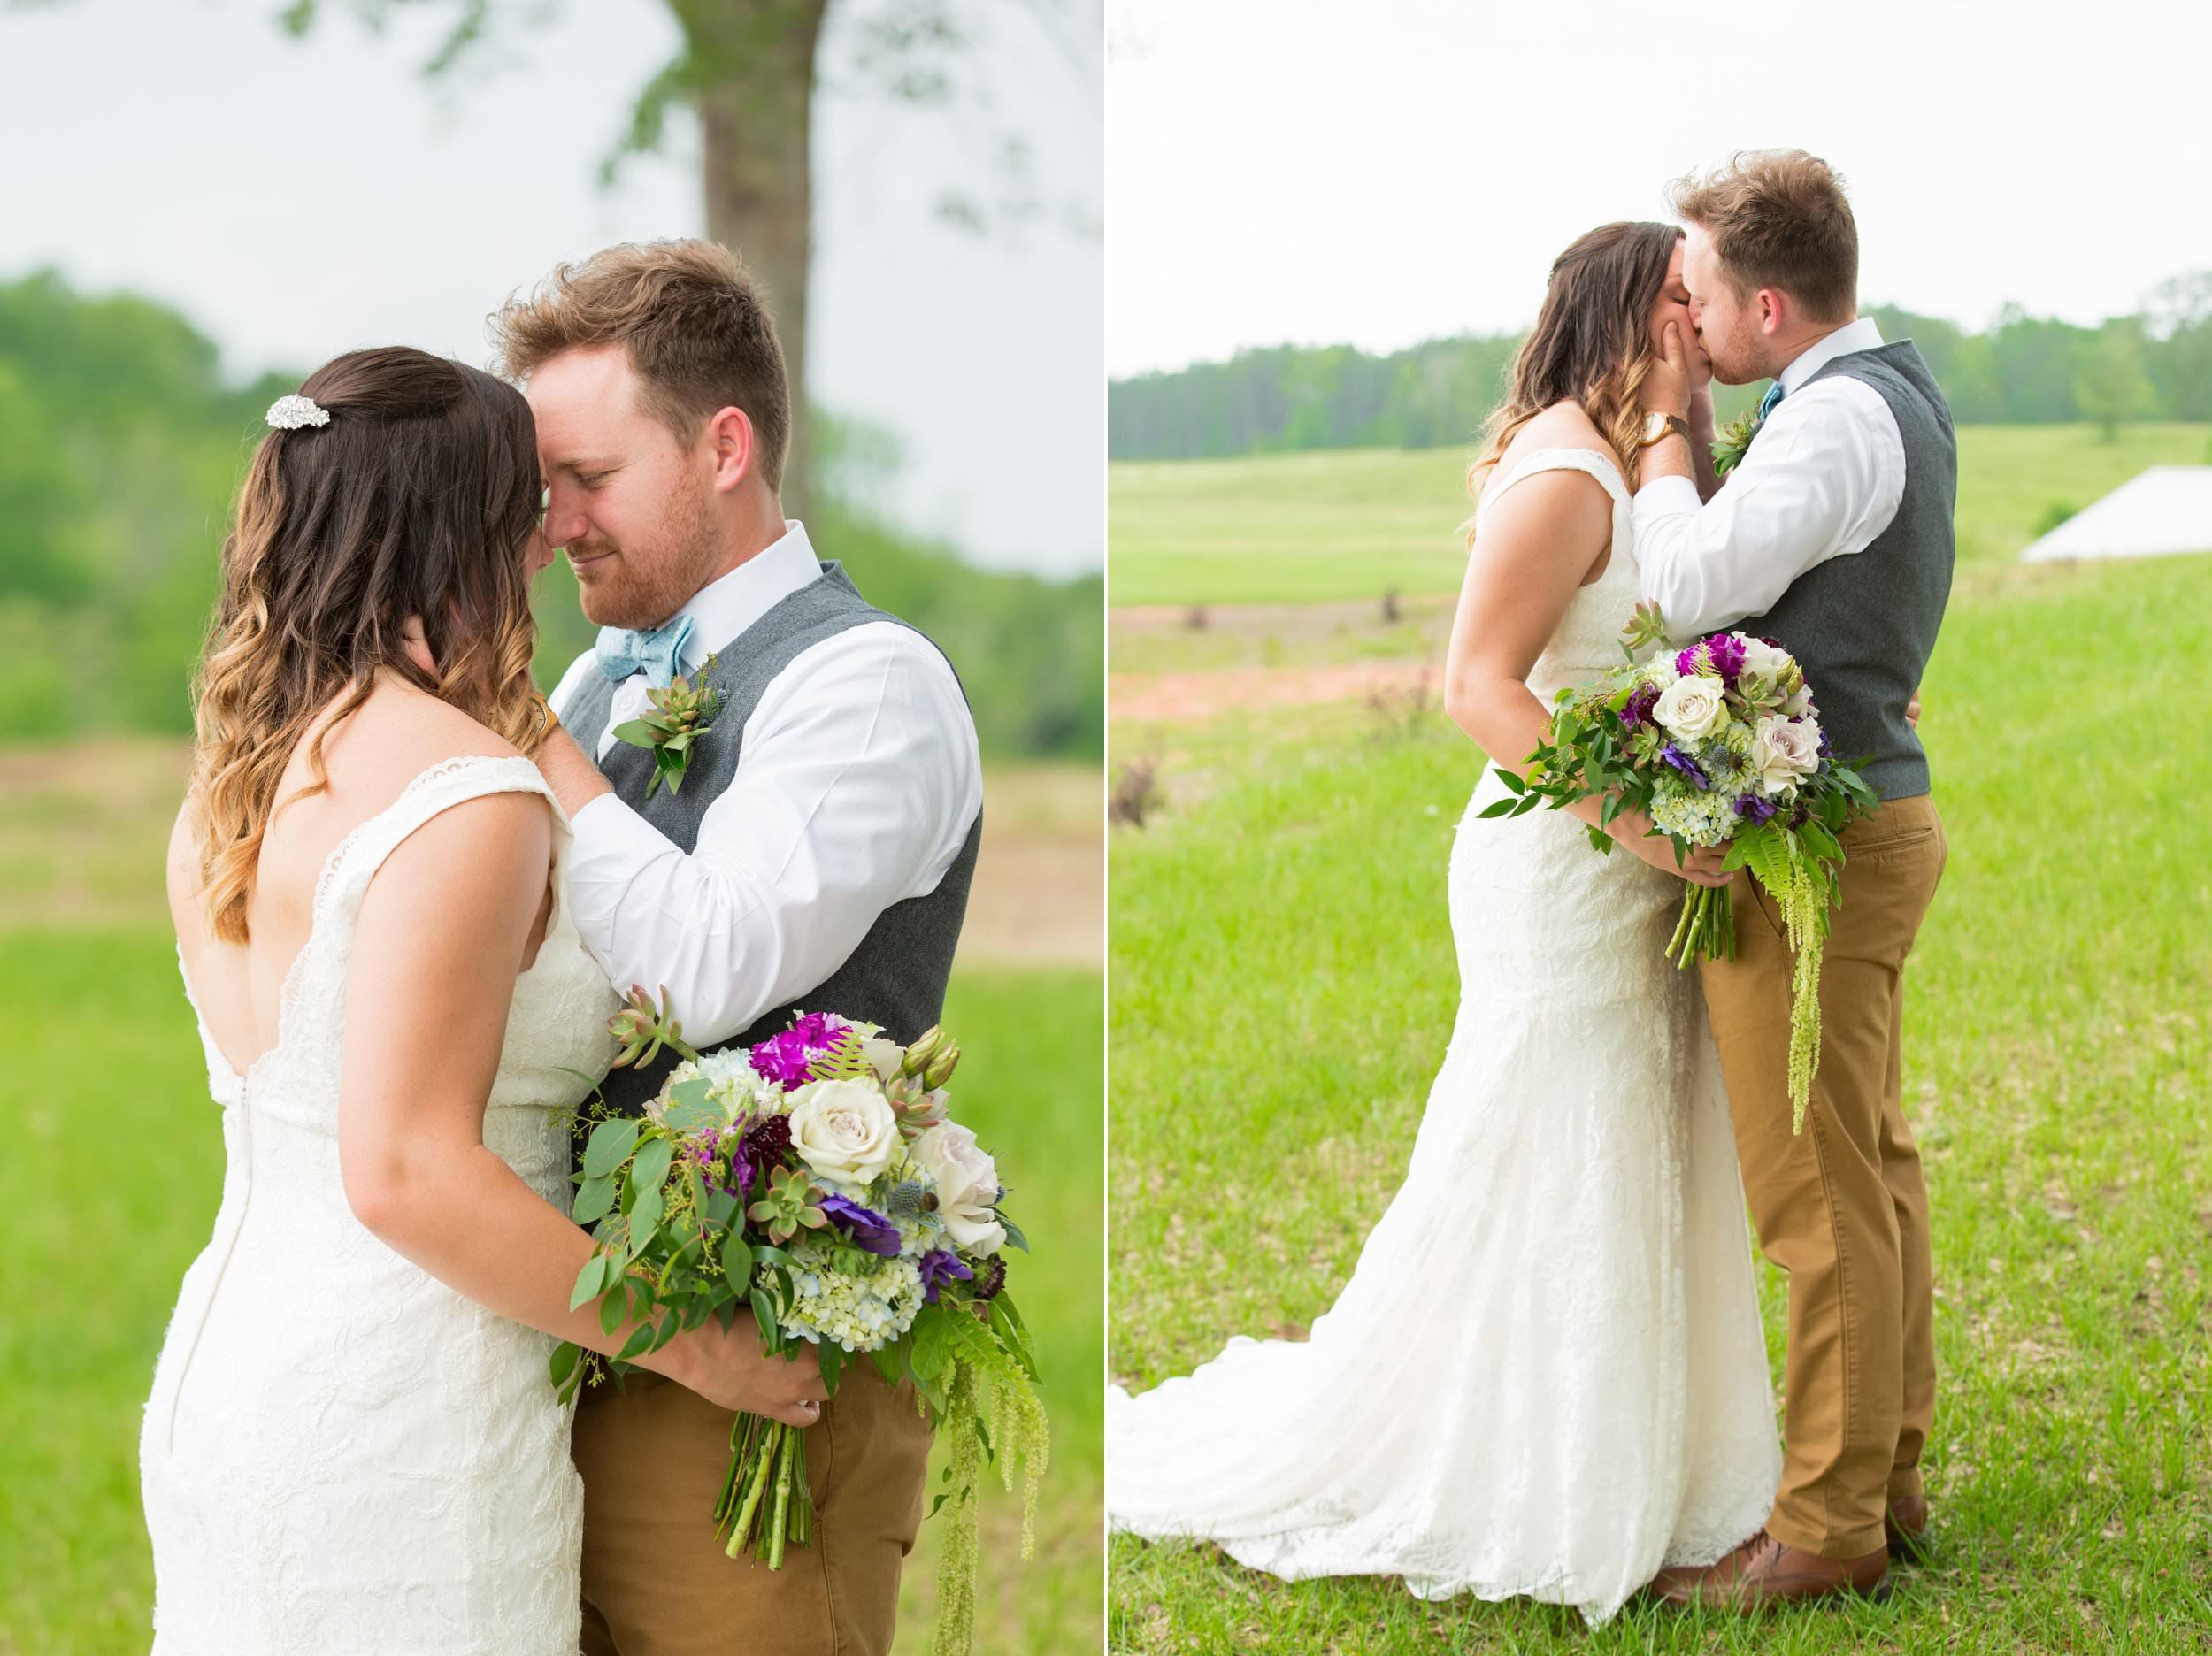 Abby-Manor-Events-Wedding-Photos31.jpg